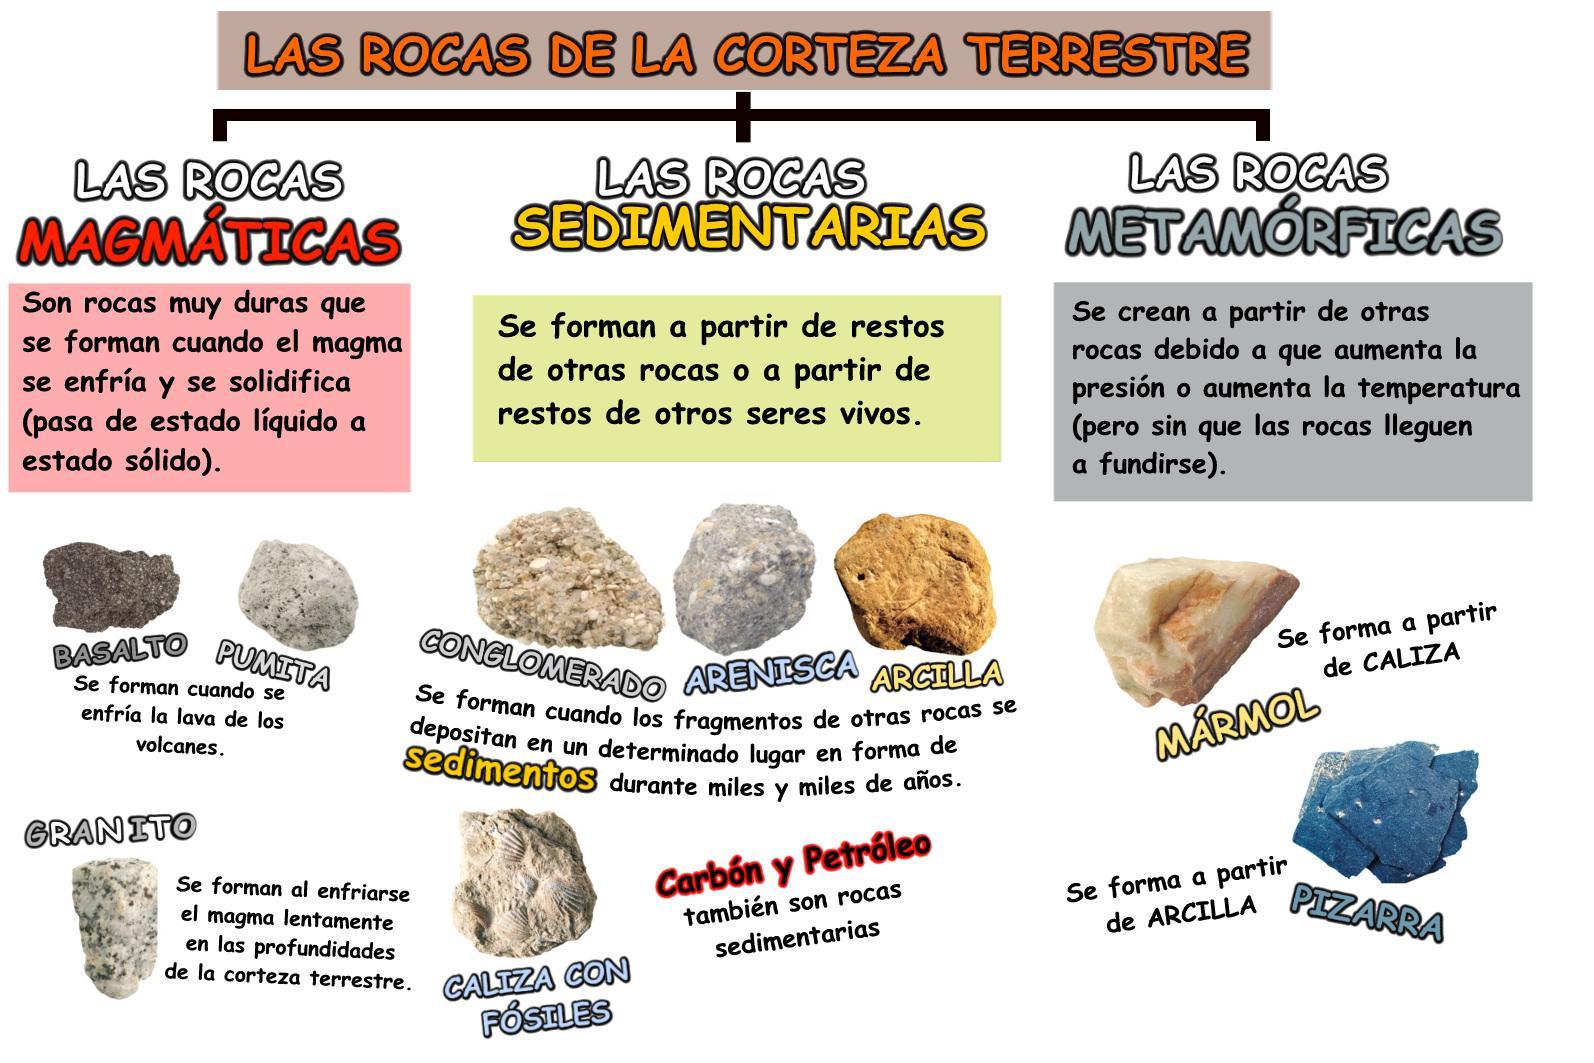 Tipos de rocas sus caracteristicas y los fosiles tipos for Tipos de arboles y caracteristicas